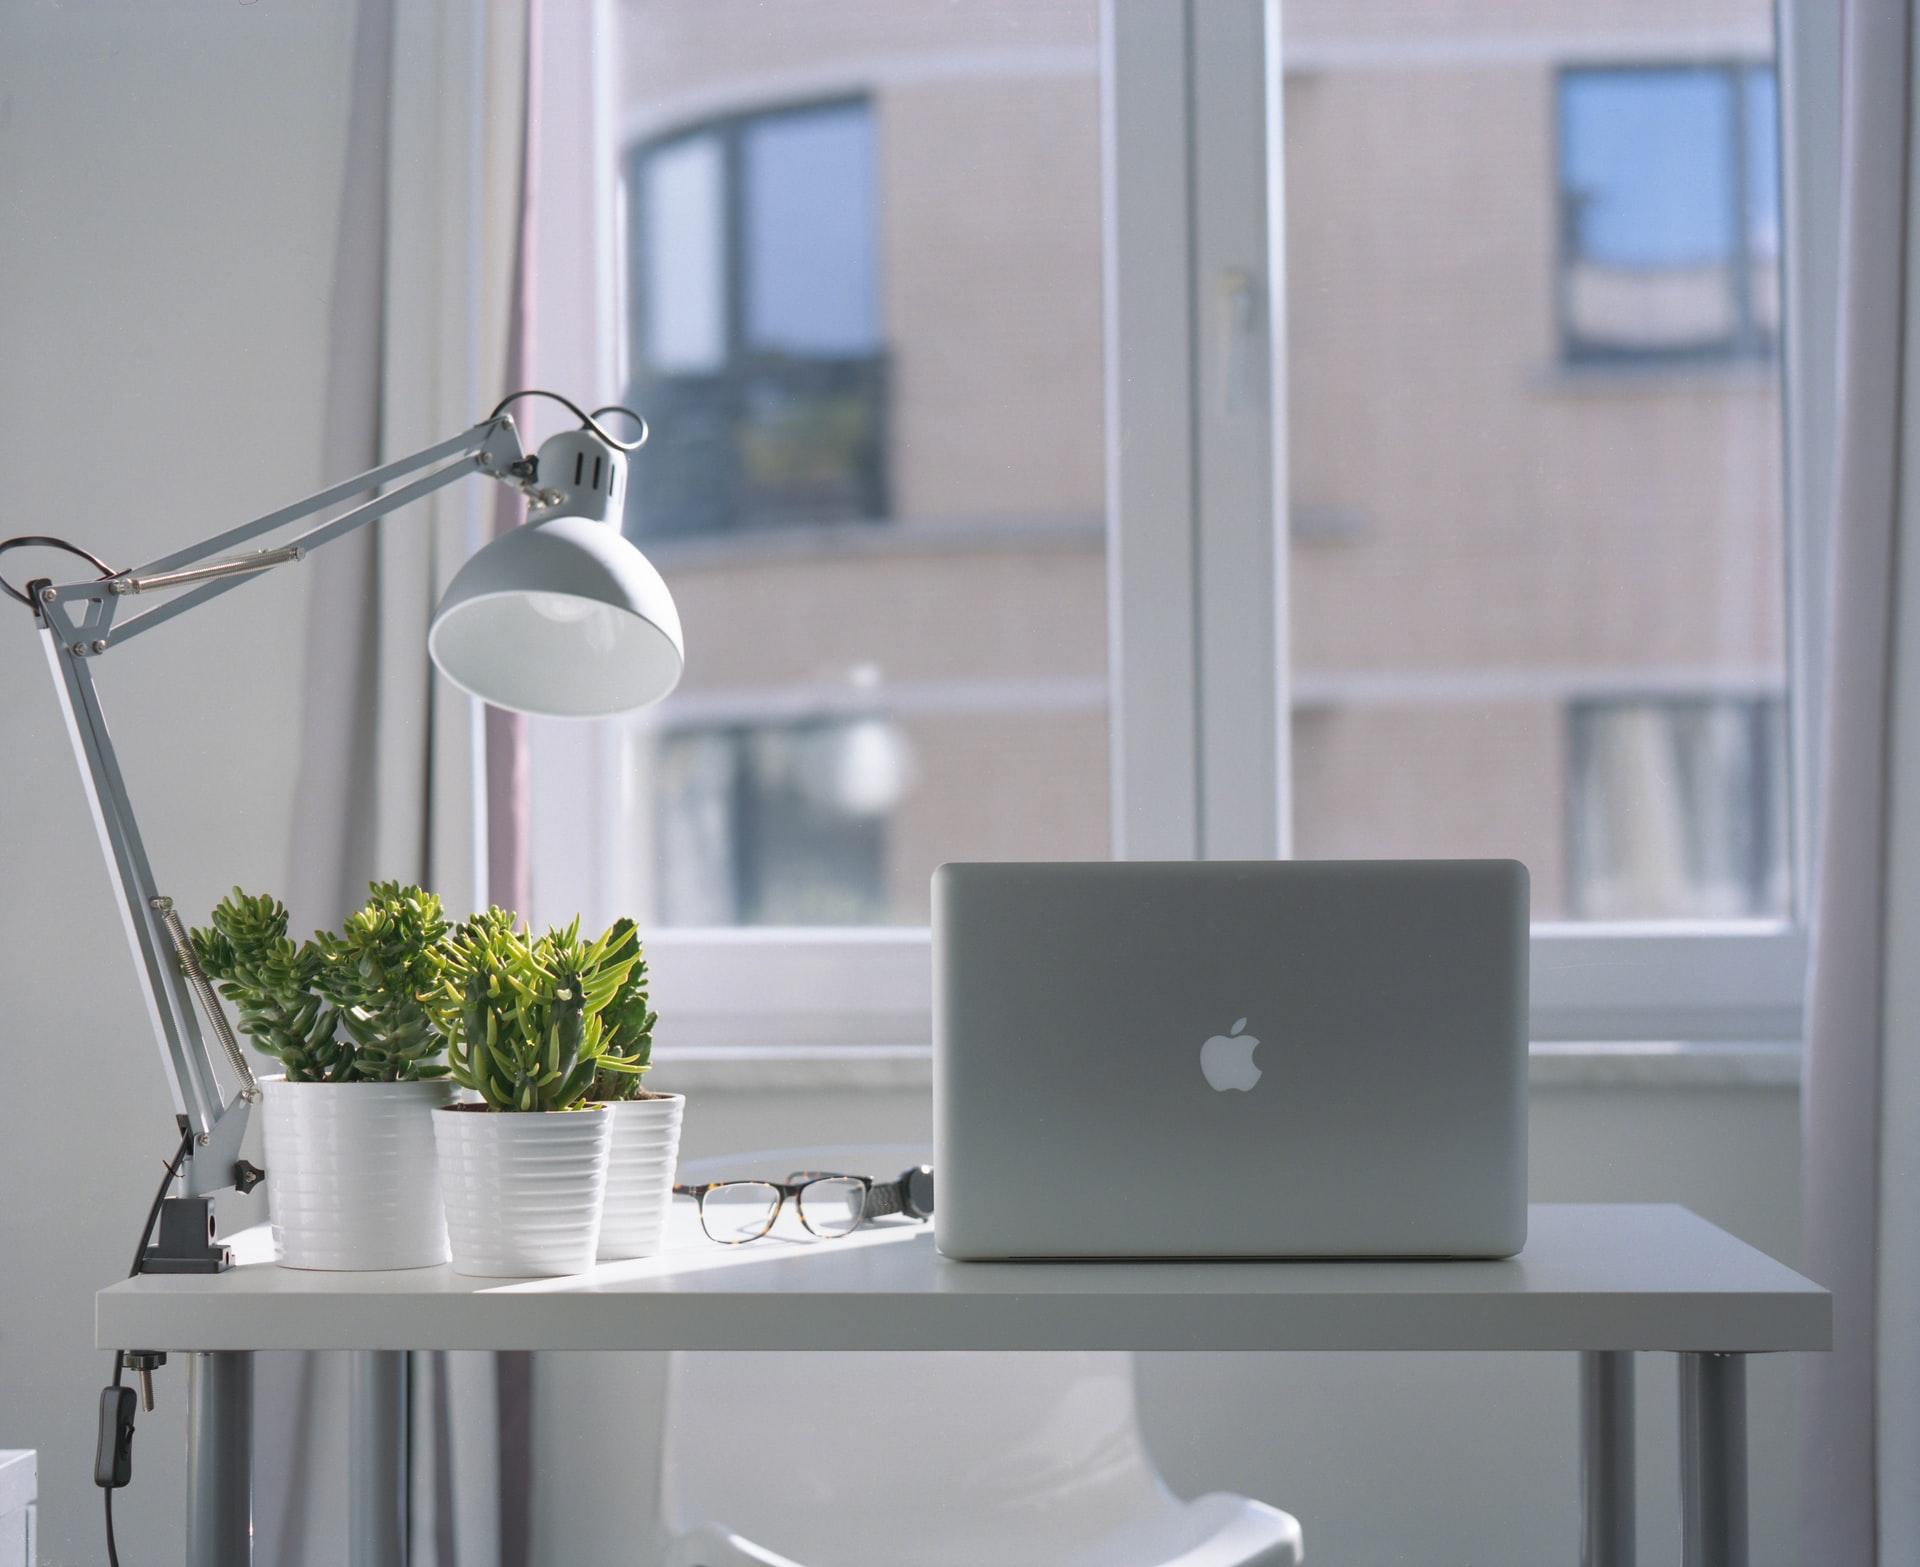 Comment choisir entre acheter ou louer son bureau professionnel?